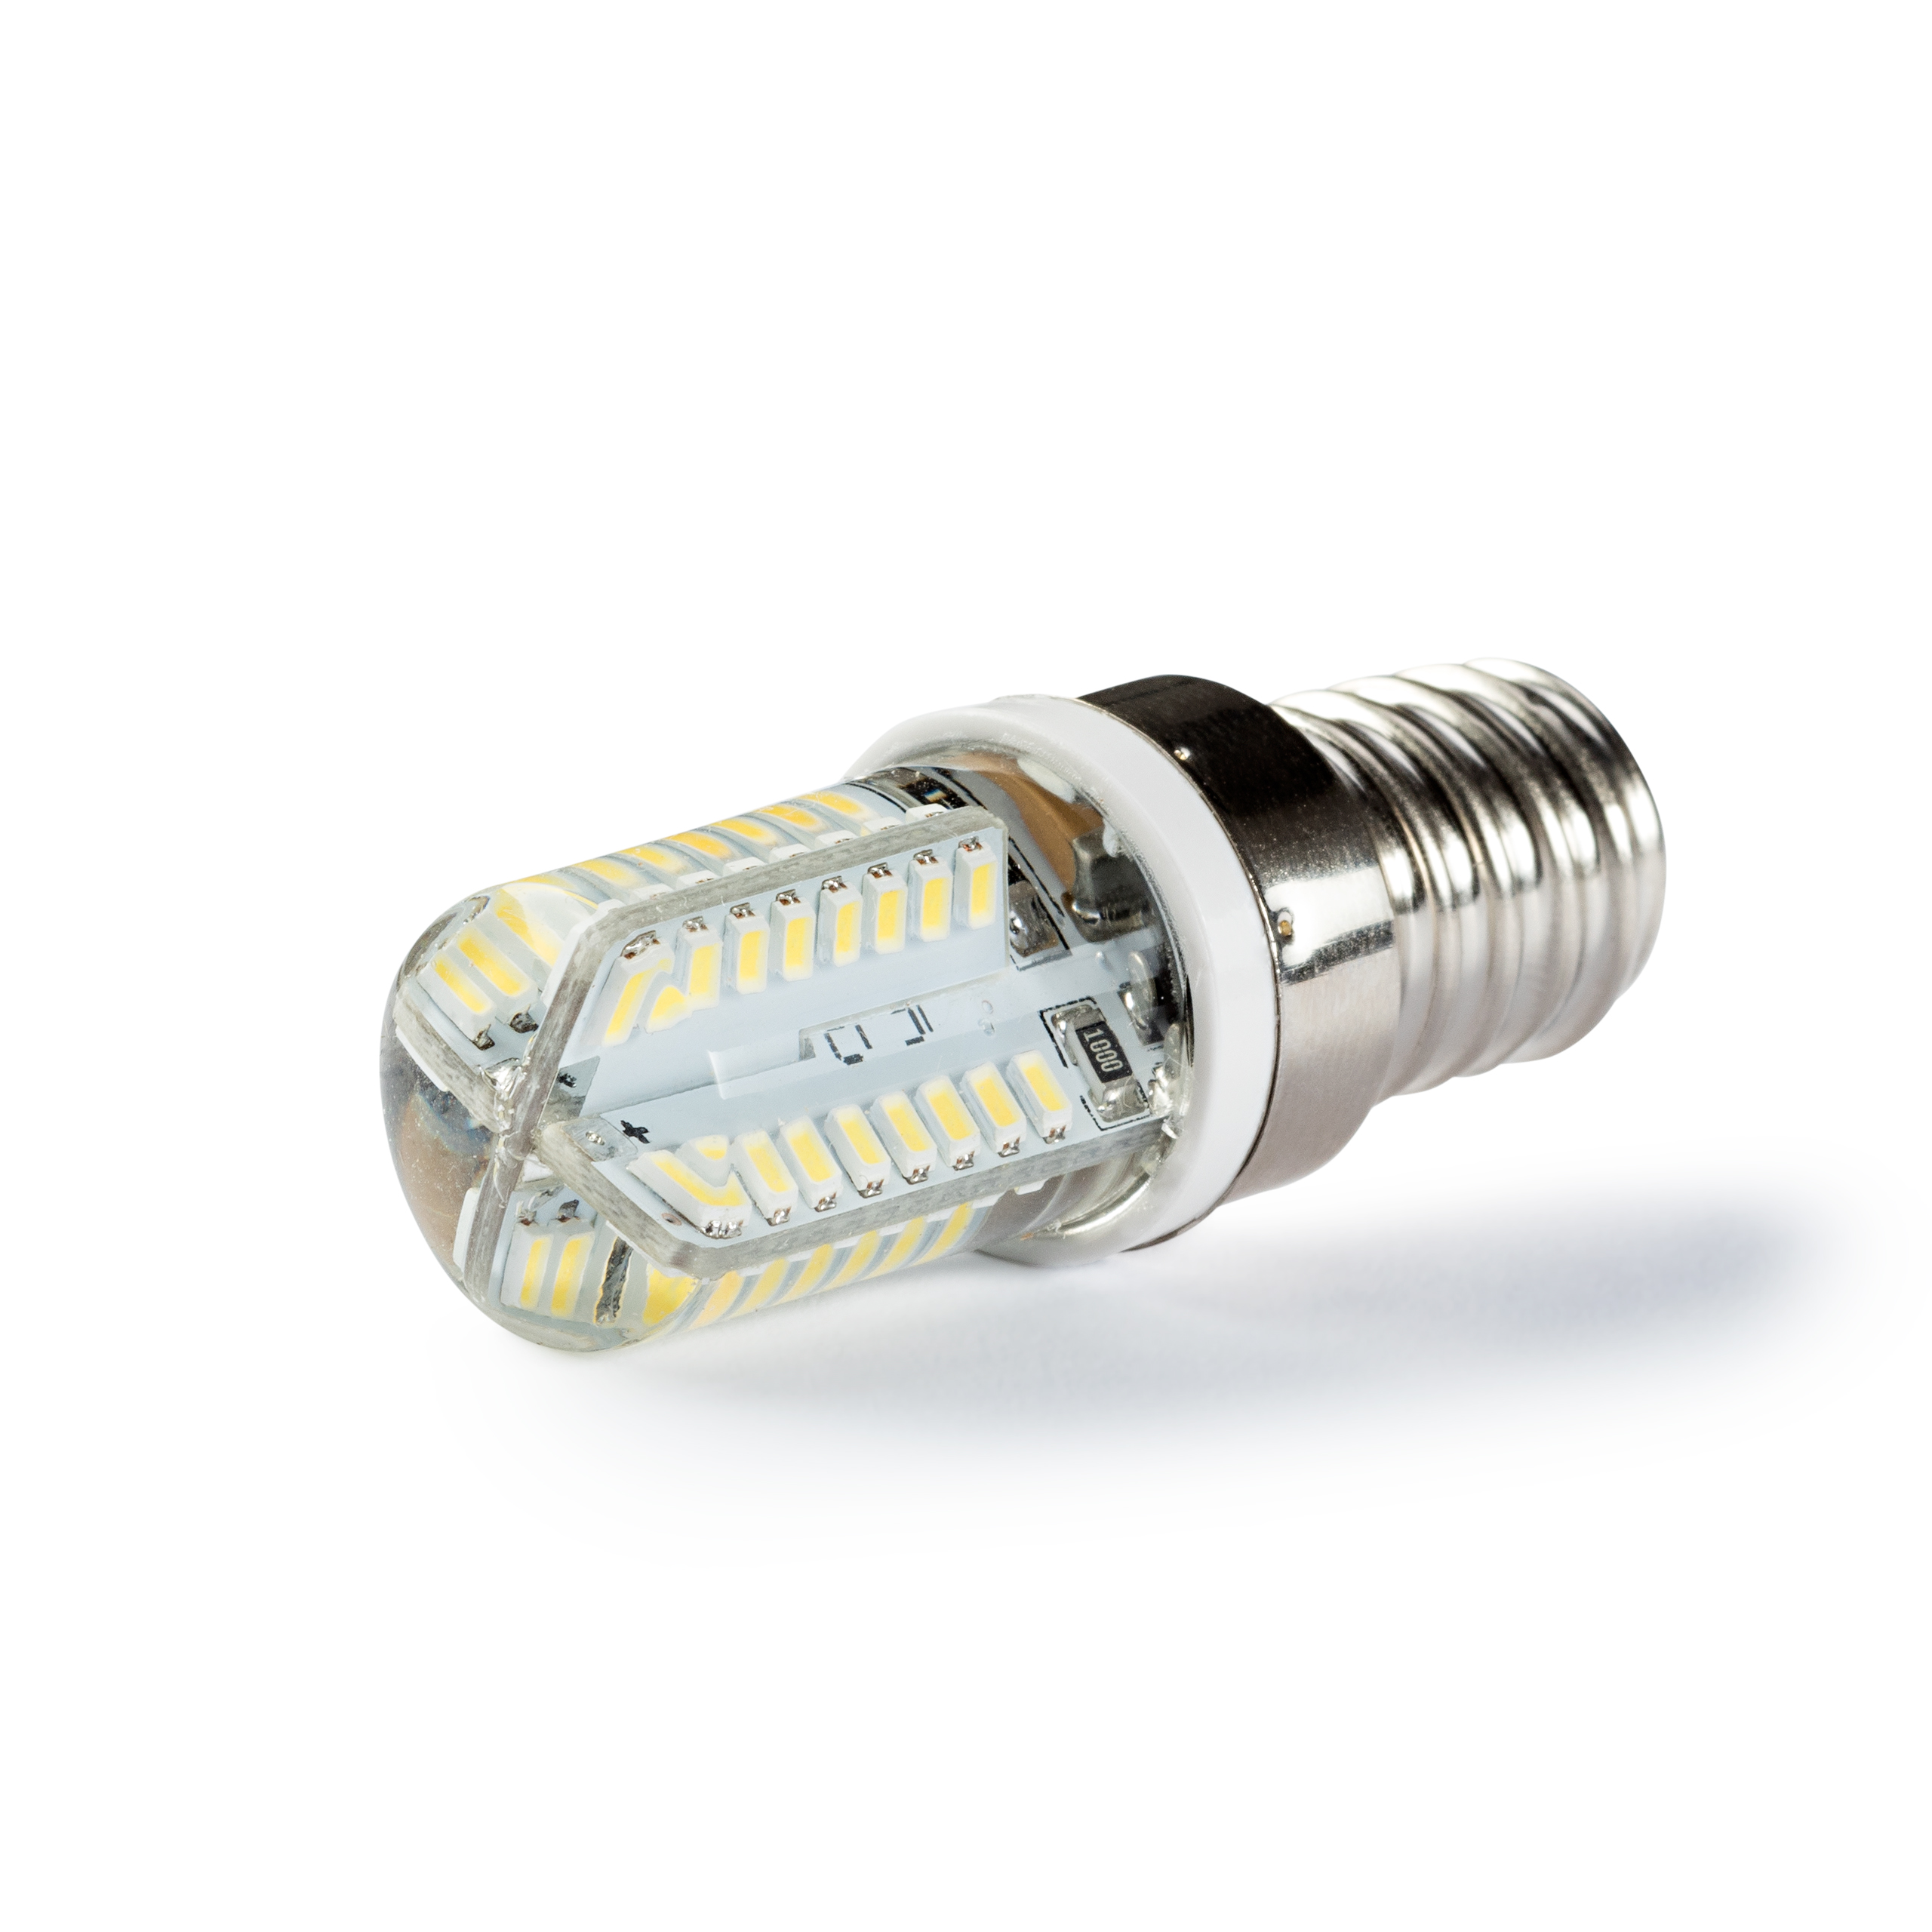 LED Nähmaschinen Ersatzleuchte, Schraubgewinde, Prym - Art. 610375